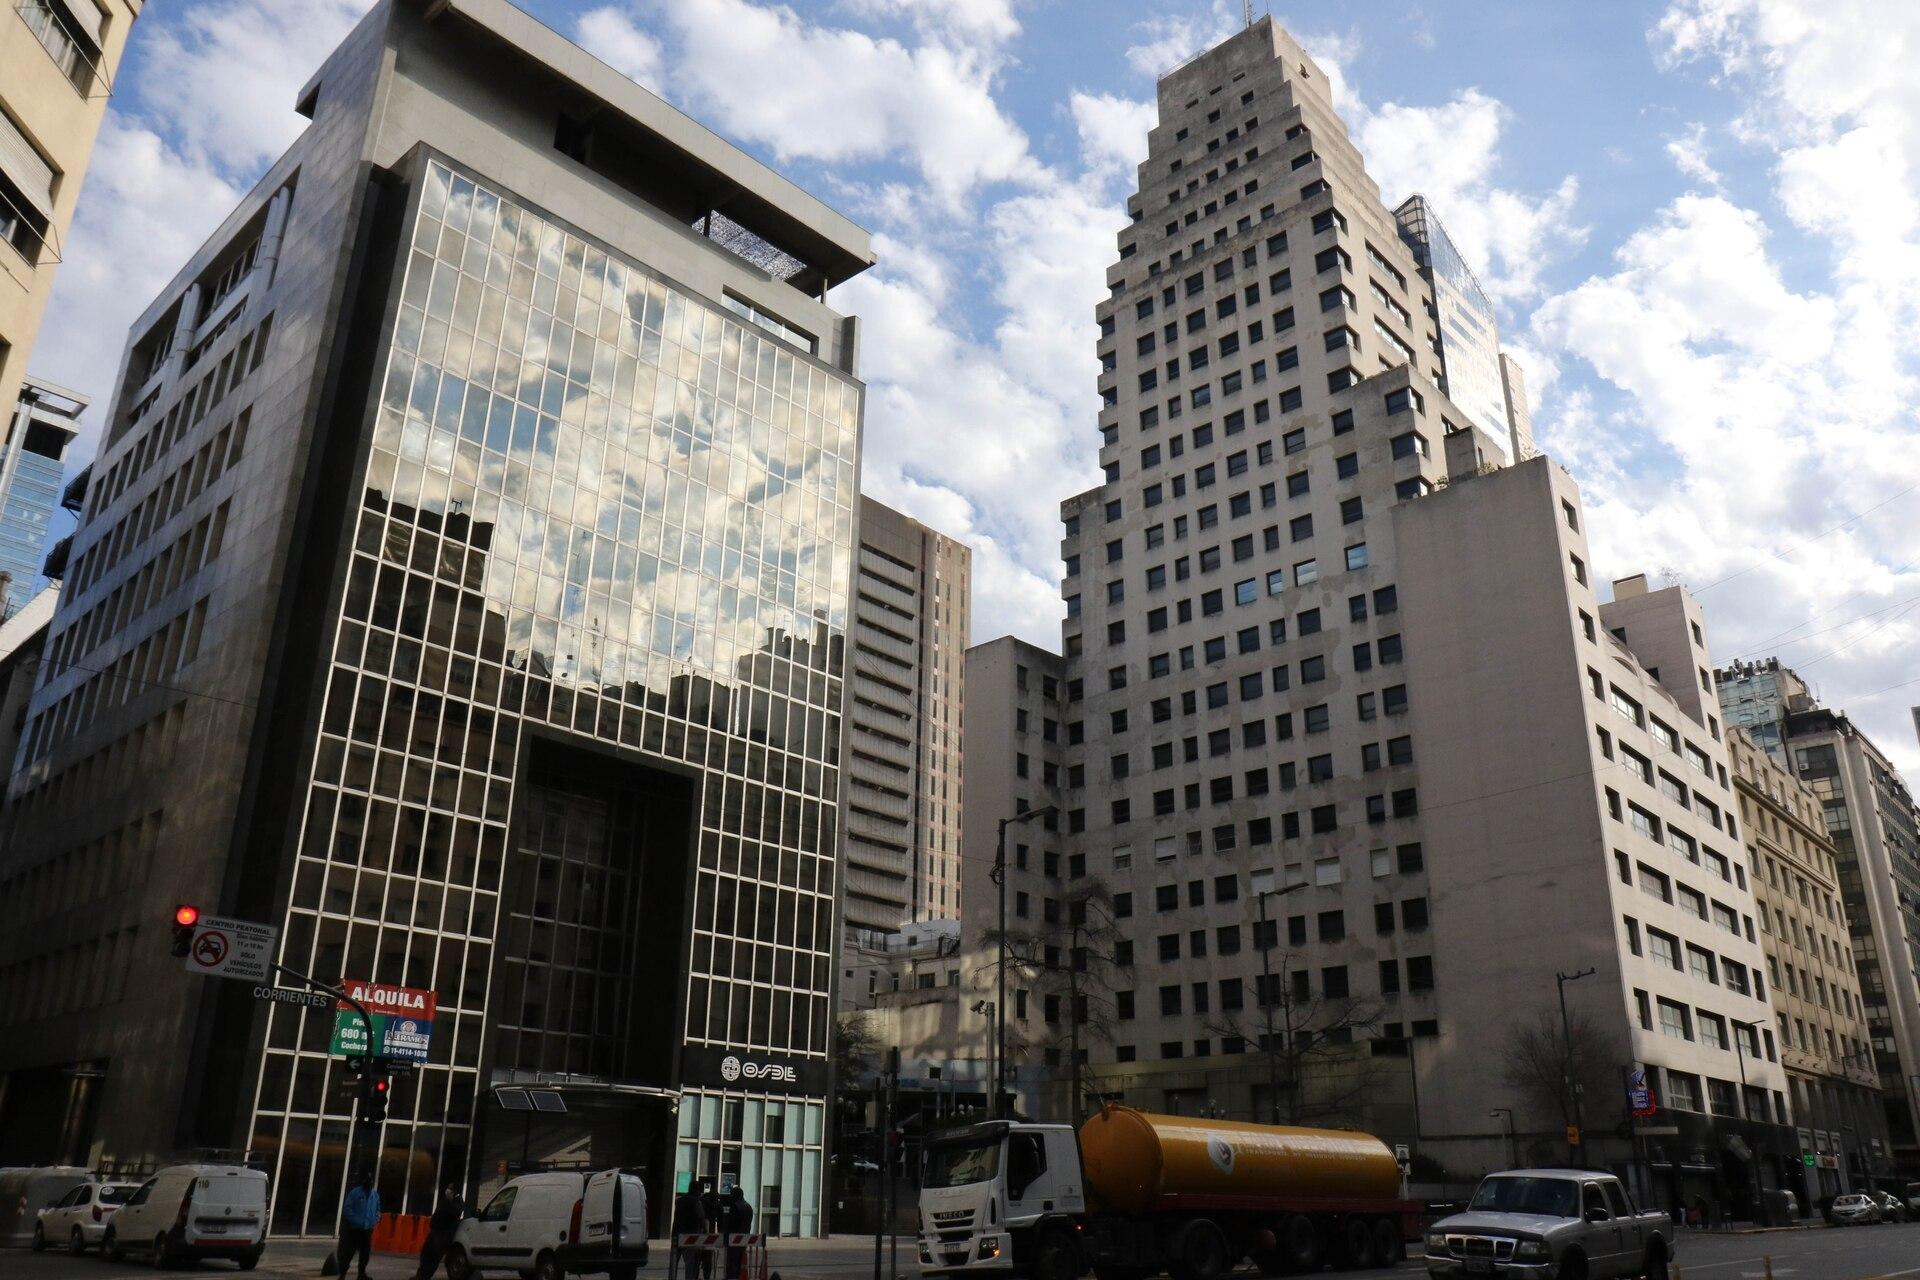 Allí donde funcionó el Correo y luego estuvo el Banco de Tokyo, se construyó también una Plazoleta.